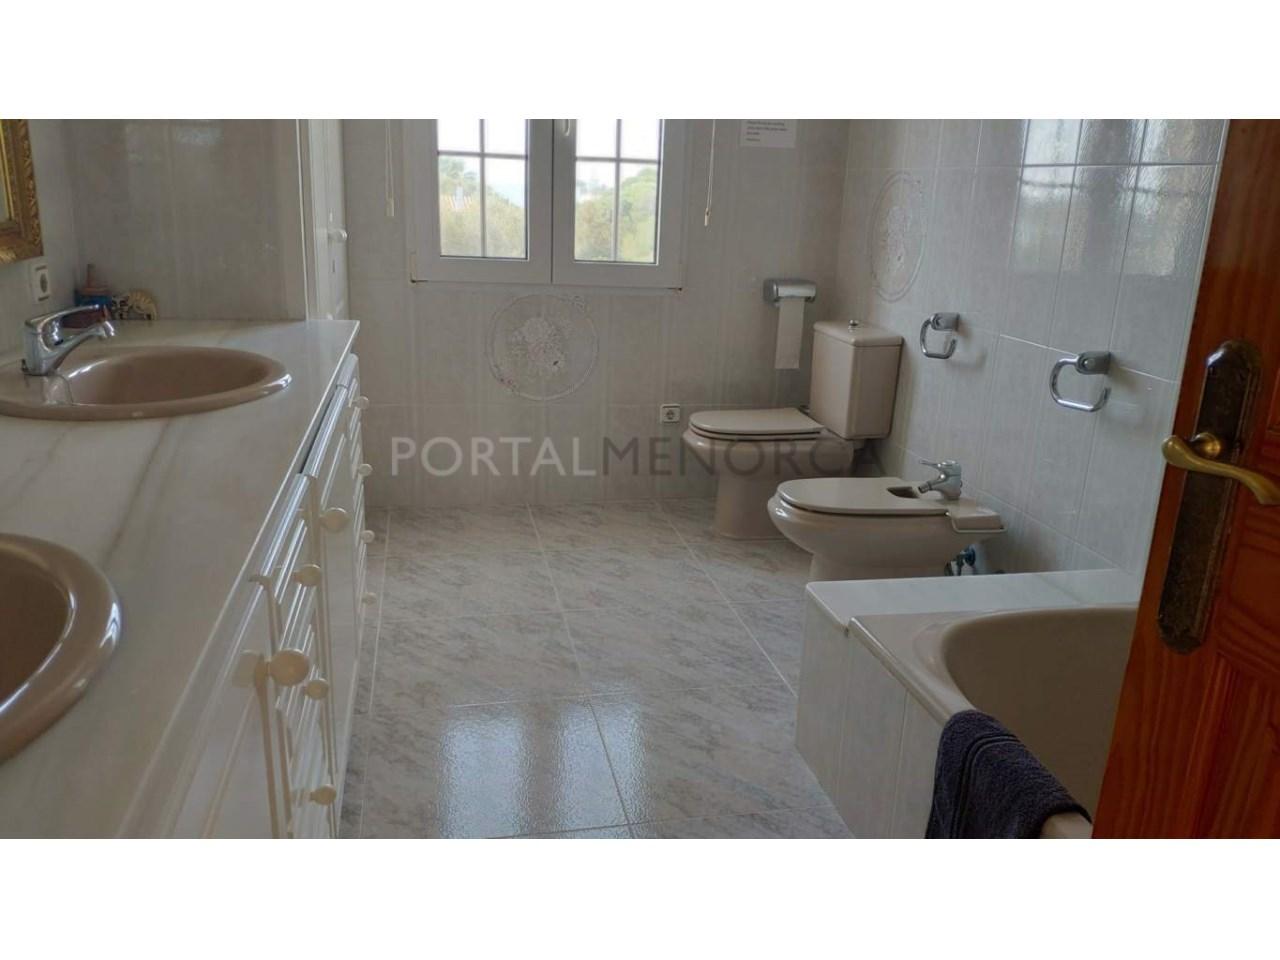 Chalet en venta en Calan Blanes con licencia turística Ciutadella Menorca - baño suite 2